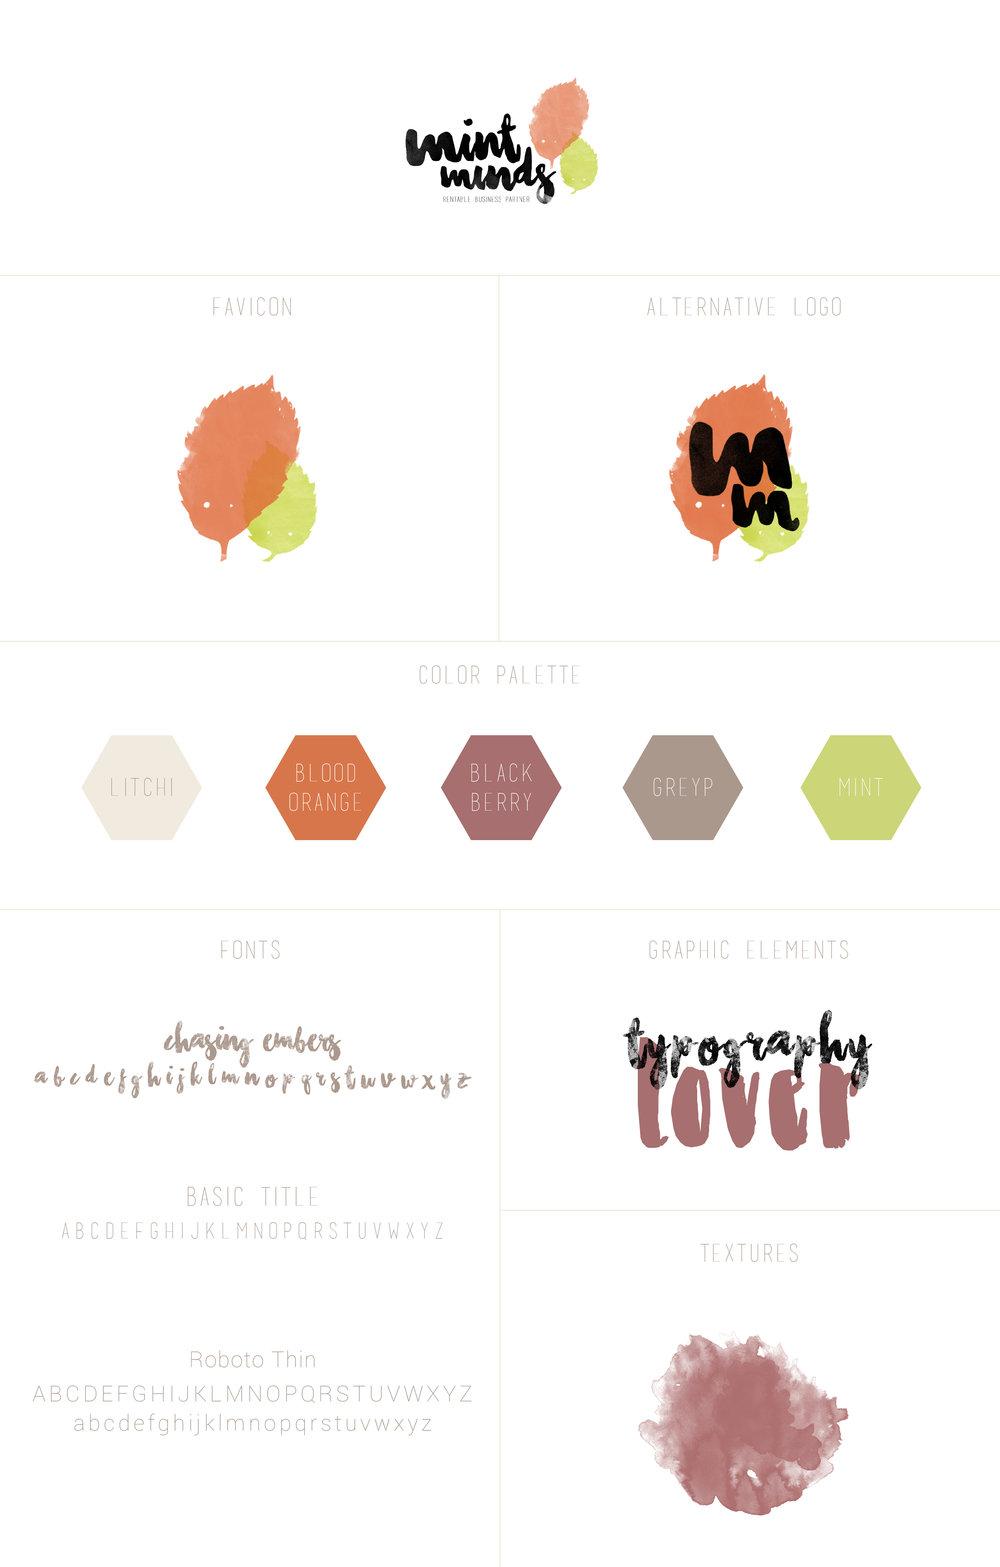 Branding-Style-Board-mintminds_mintminds.jpg